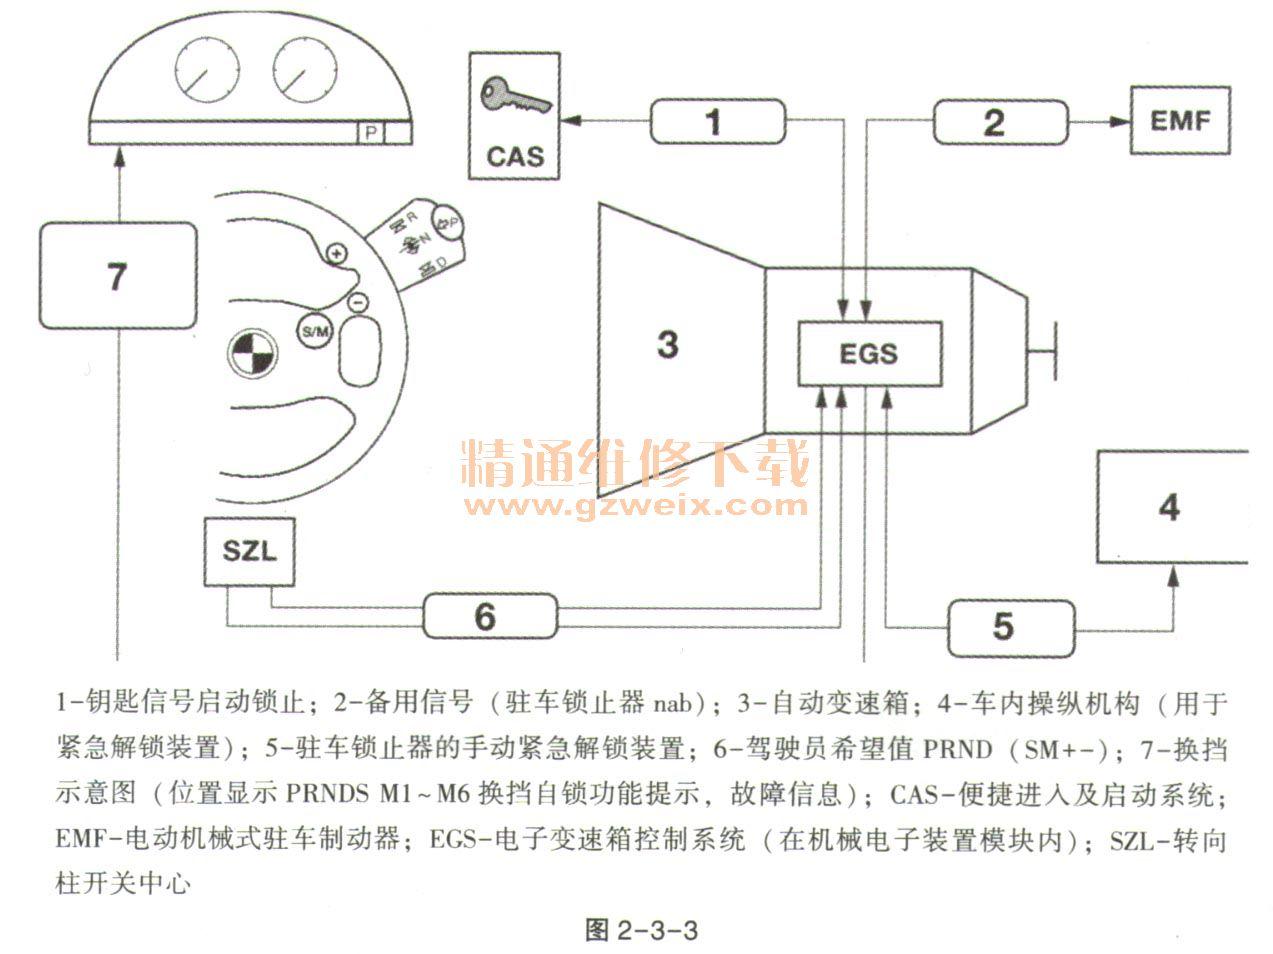 宝马车系ga6hp自动变速箱详解